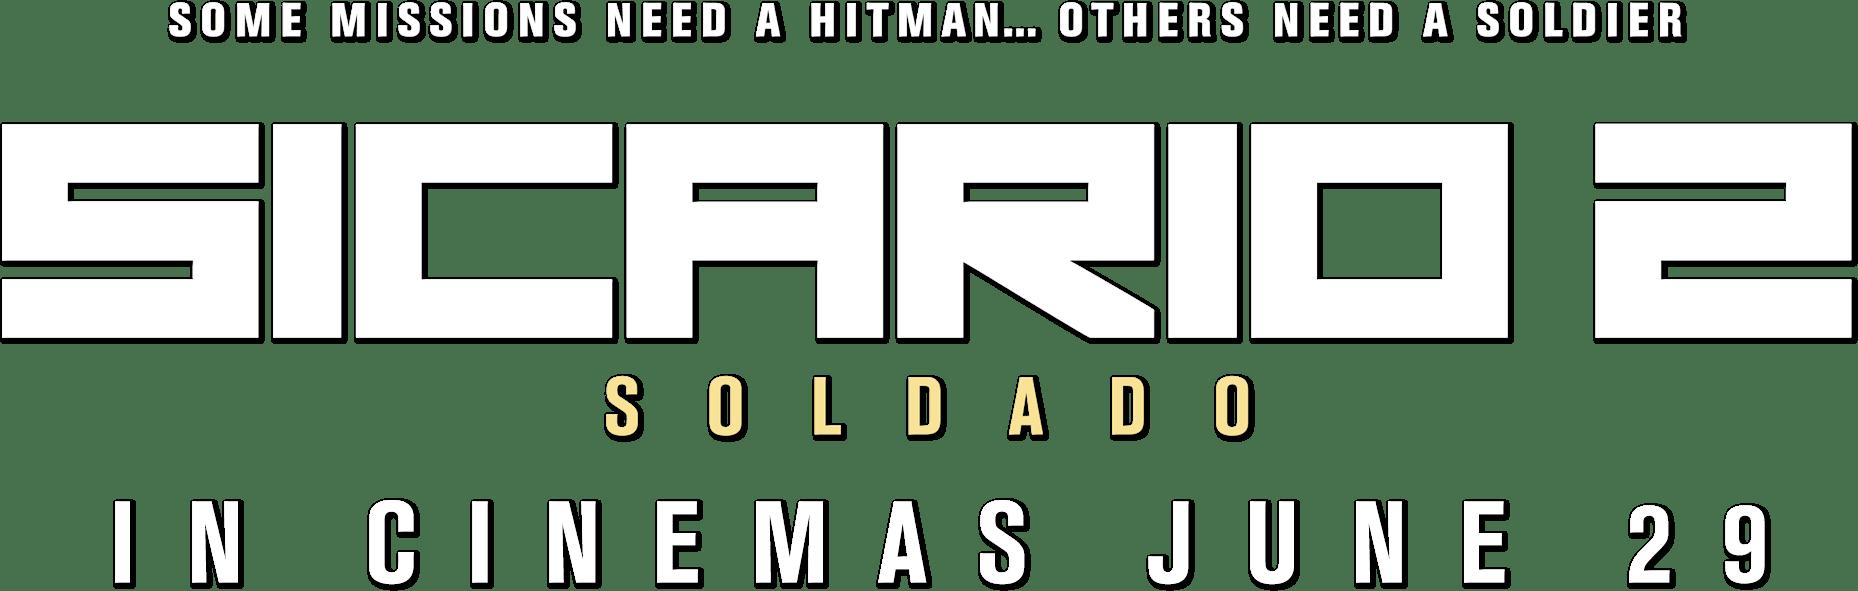 Sicario 2: Soldado  : Synopsis | Lions Gate